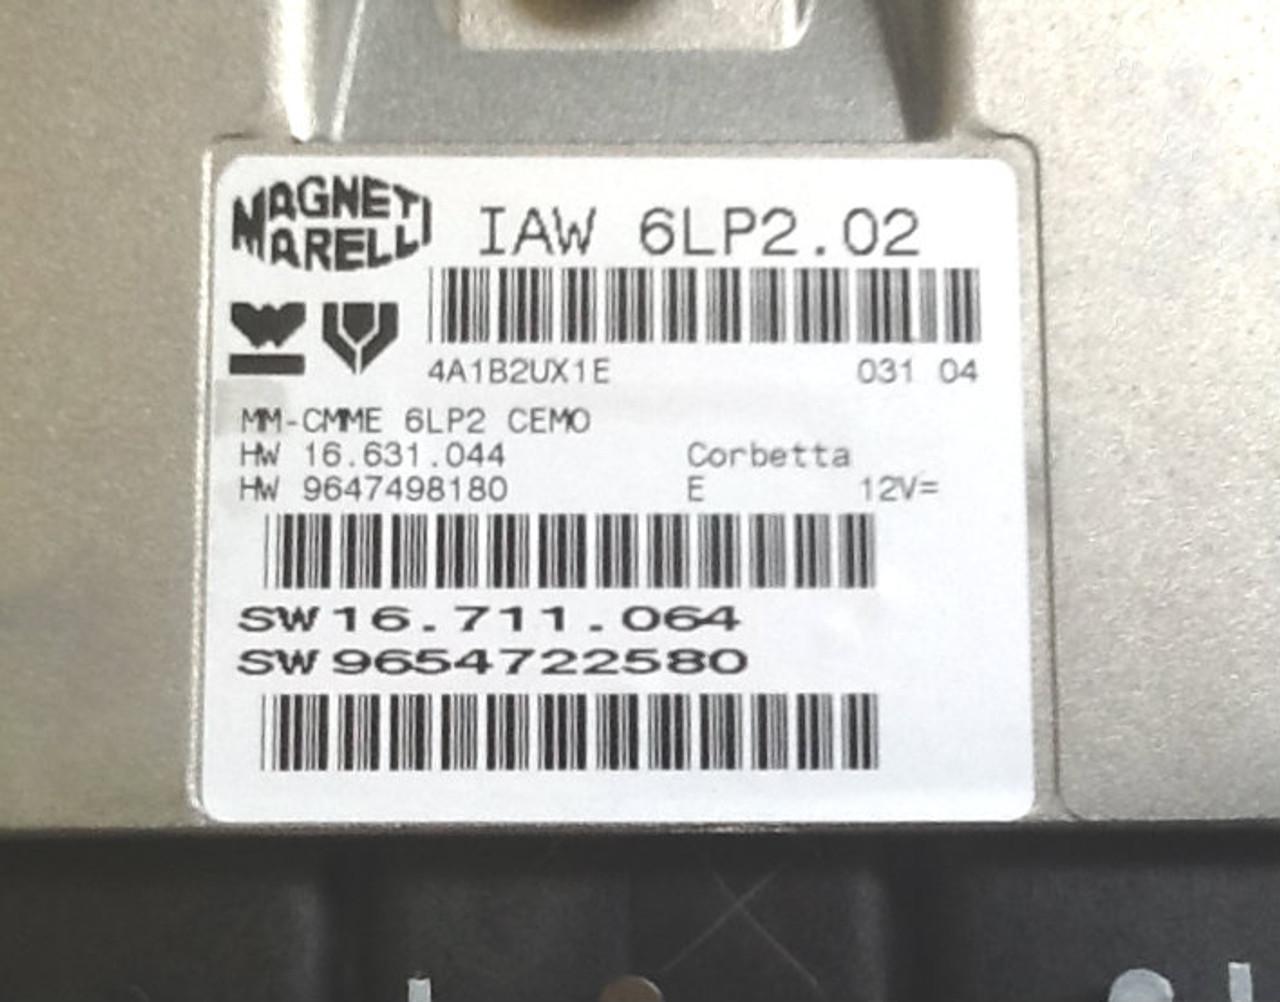 IAW 6LP2.02